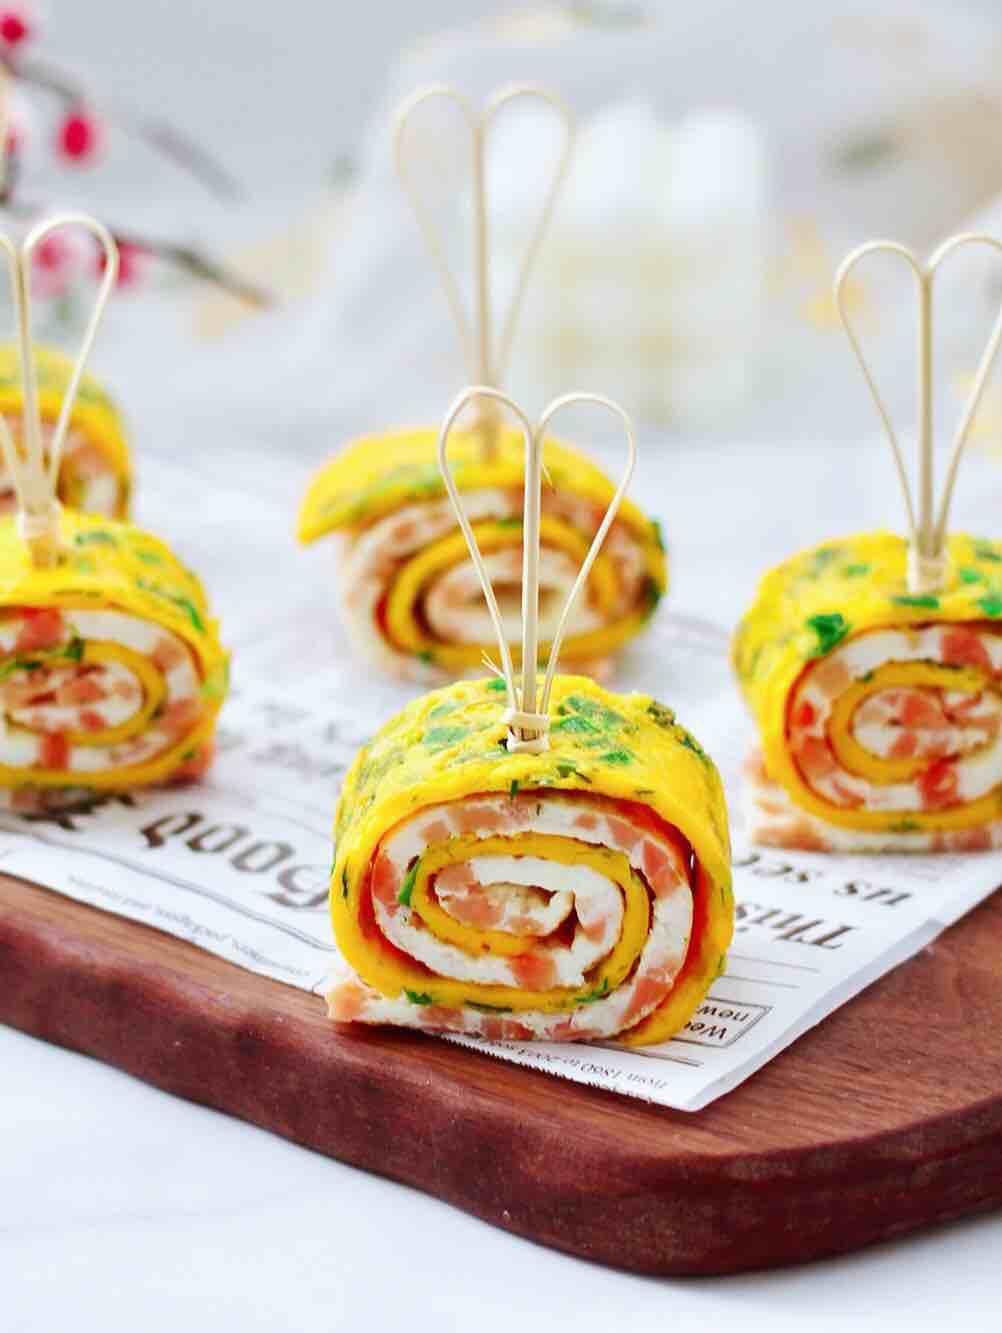 日式火腿鸡蛋卷的做法